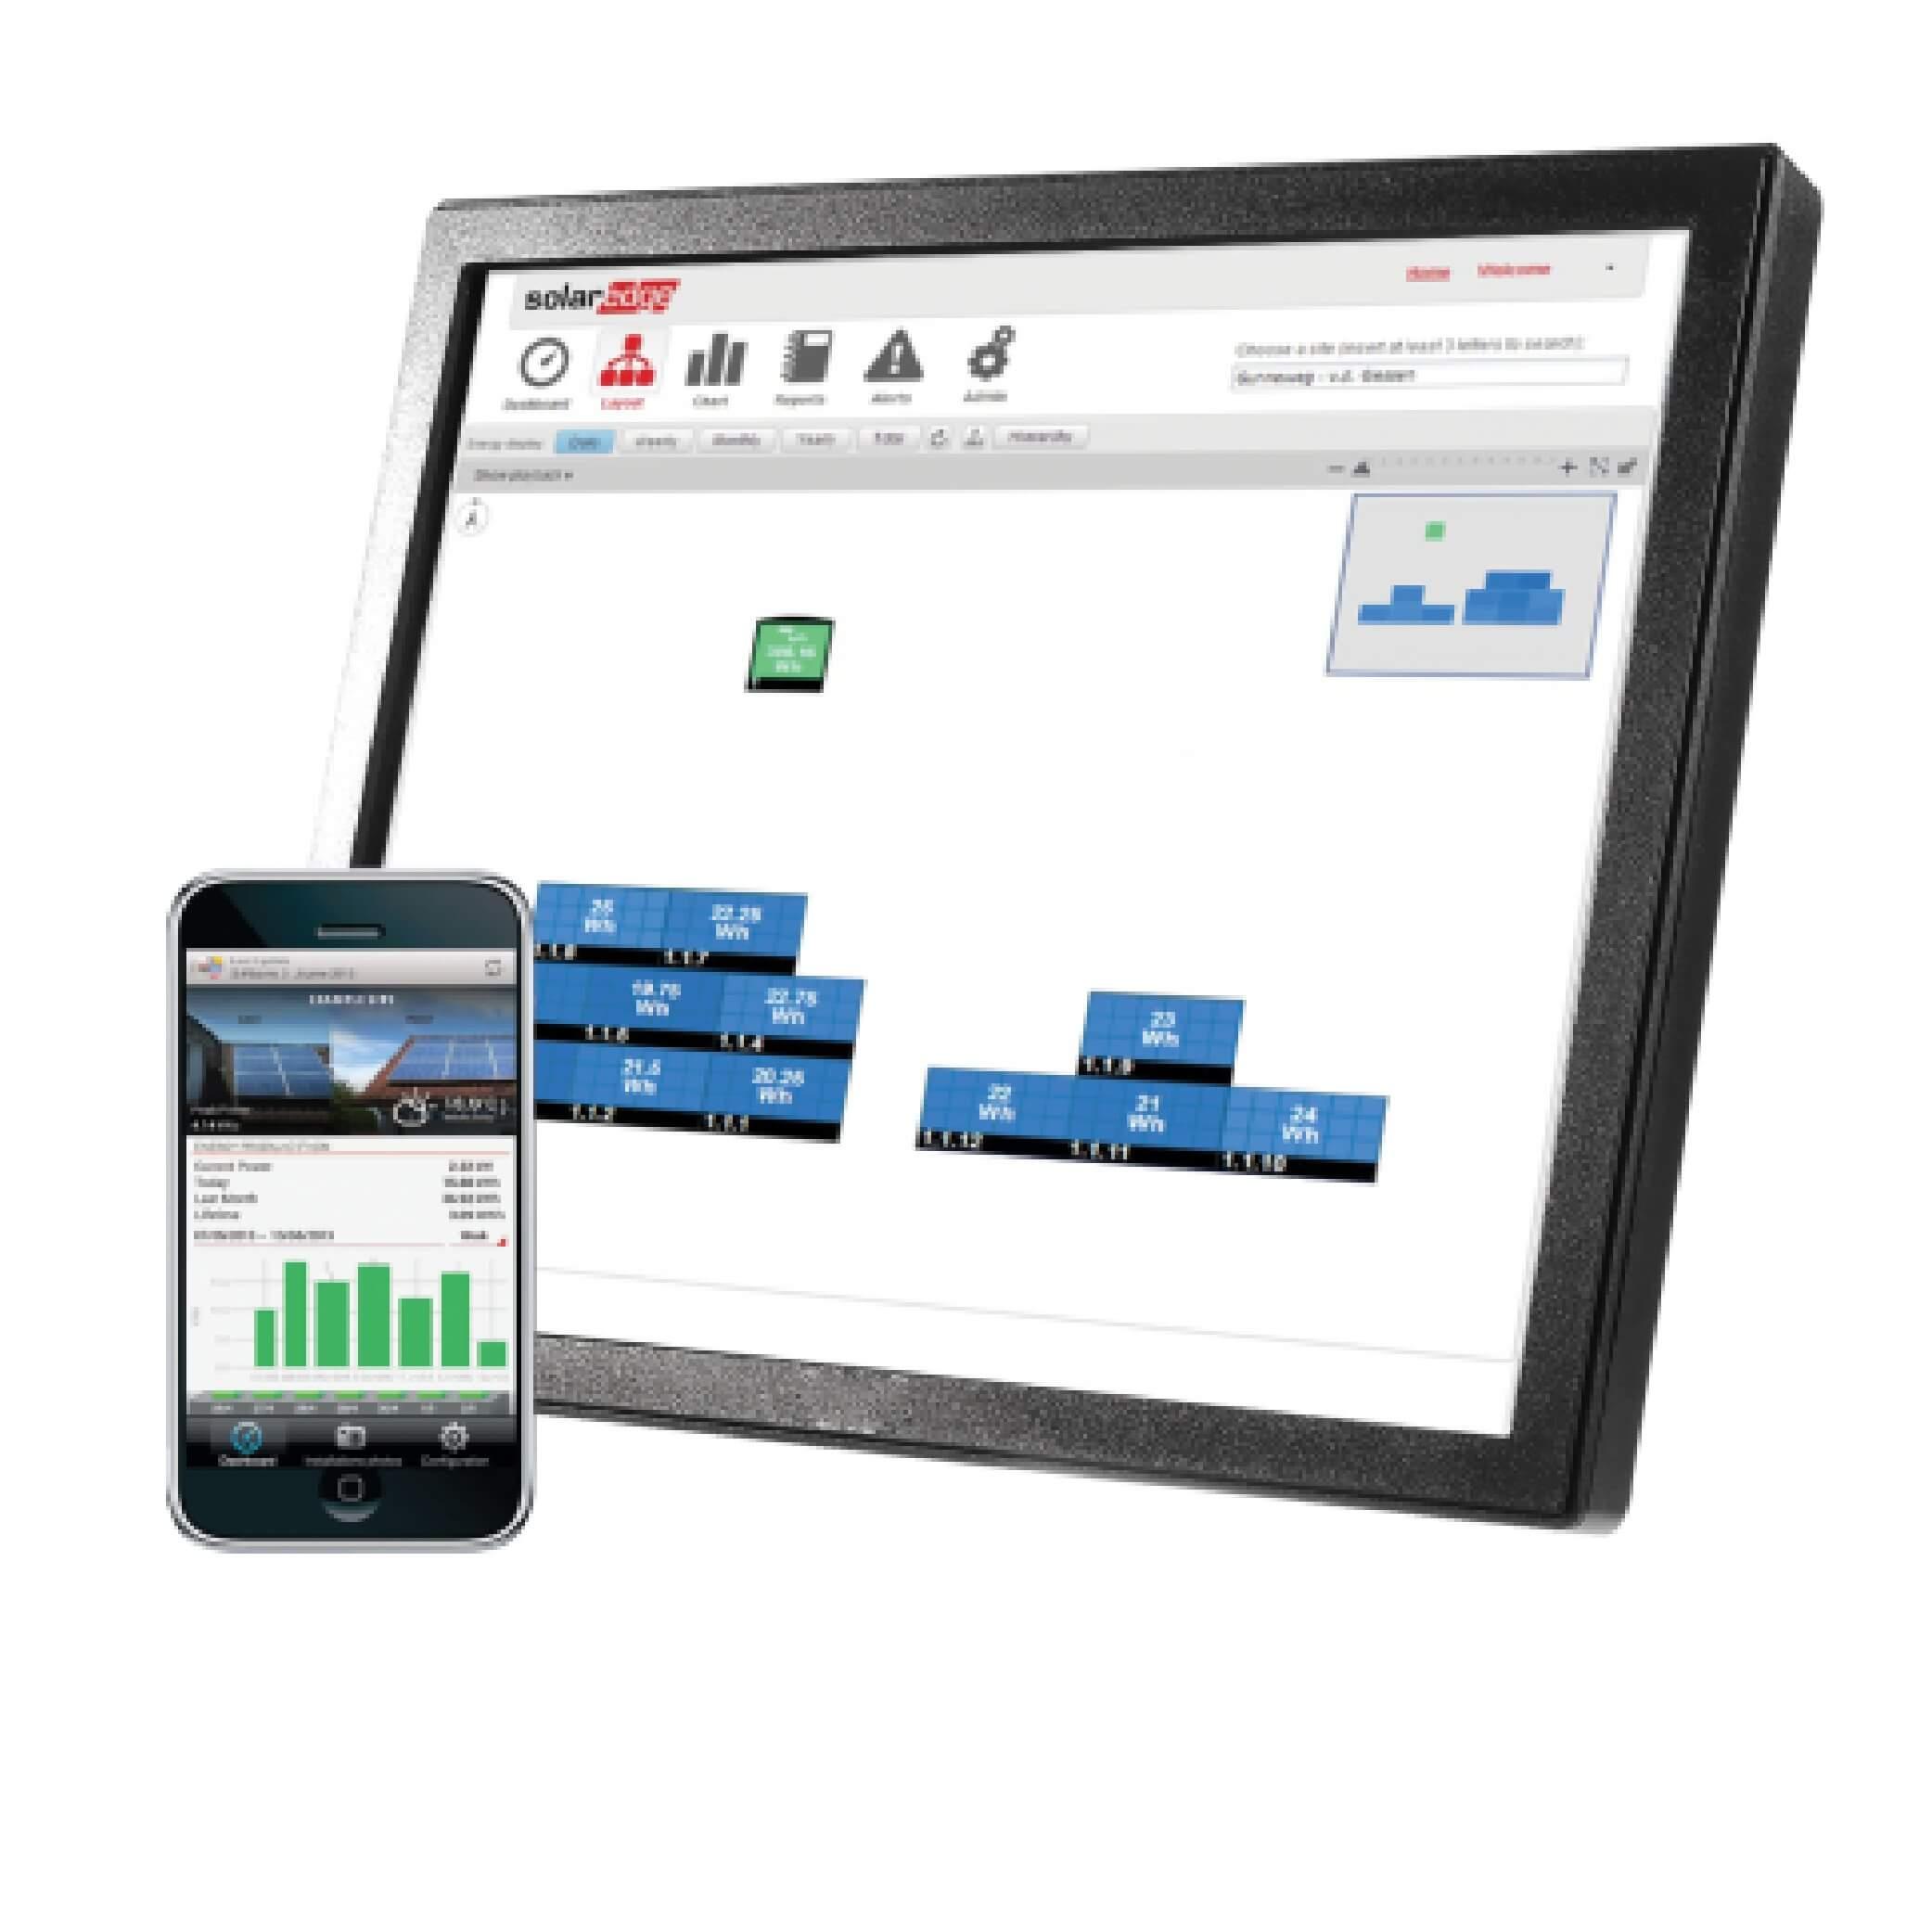 Advanced SolarEdge Monitoring